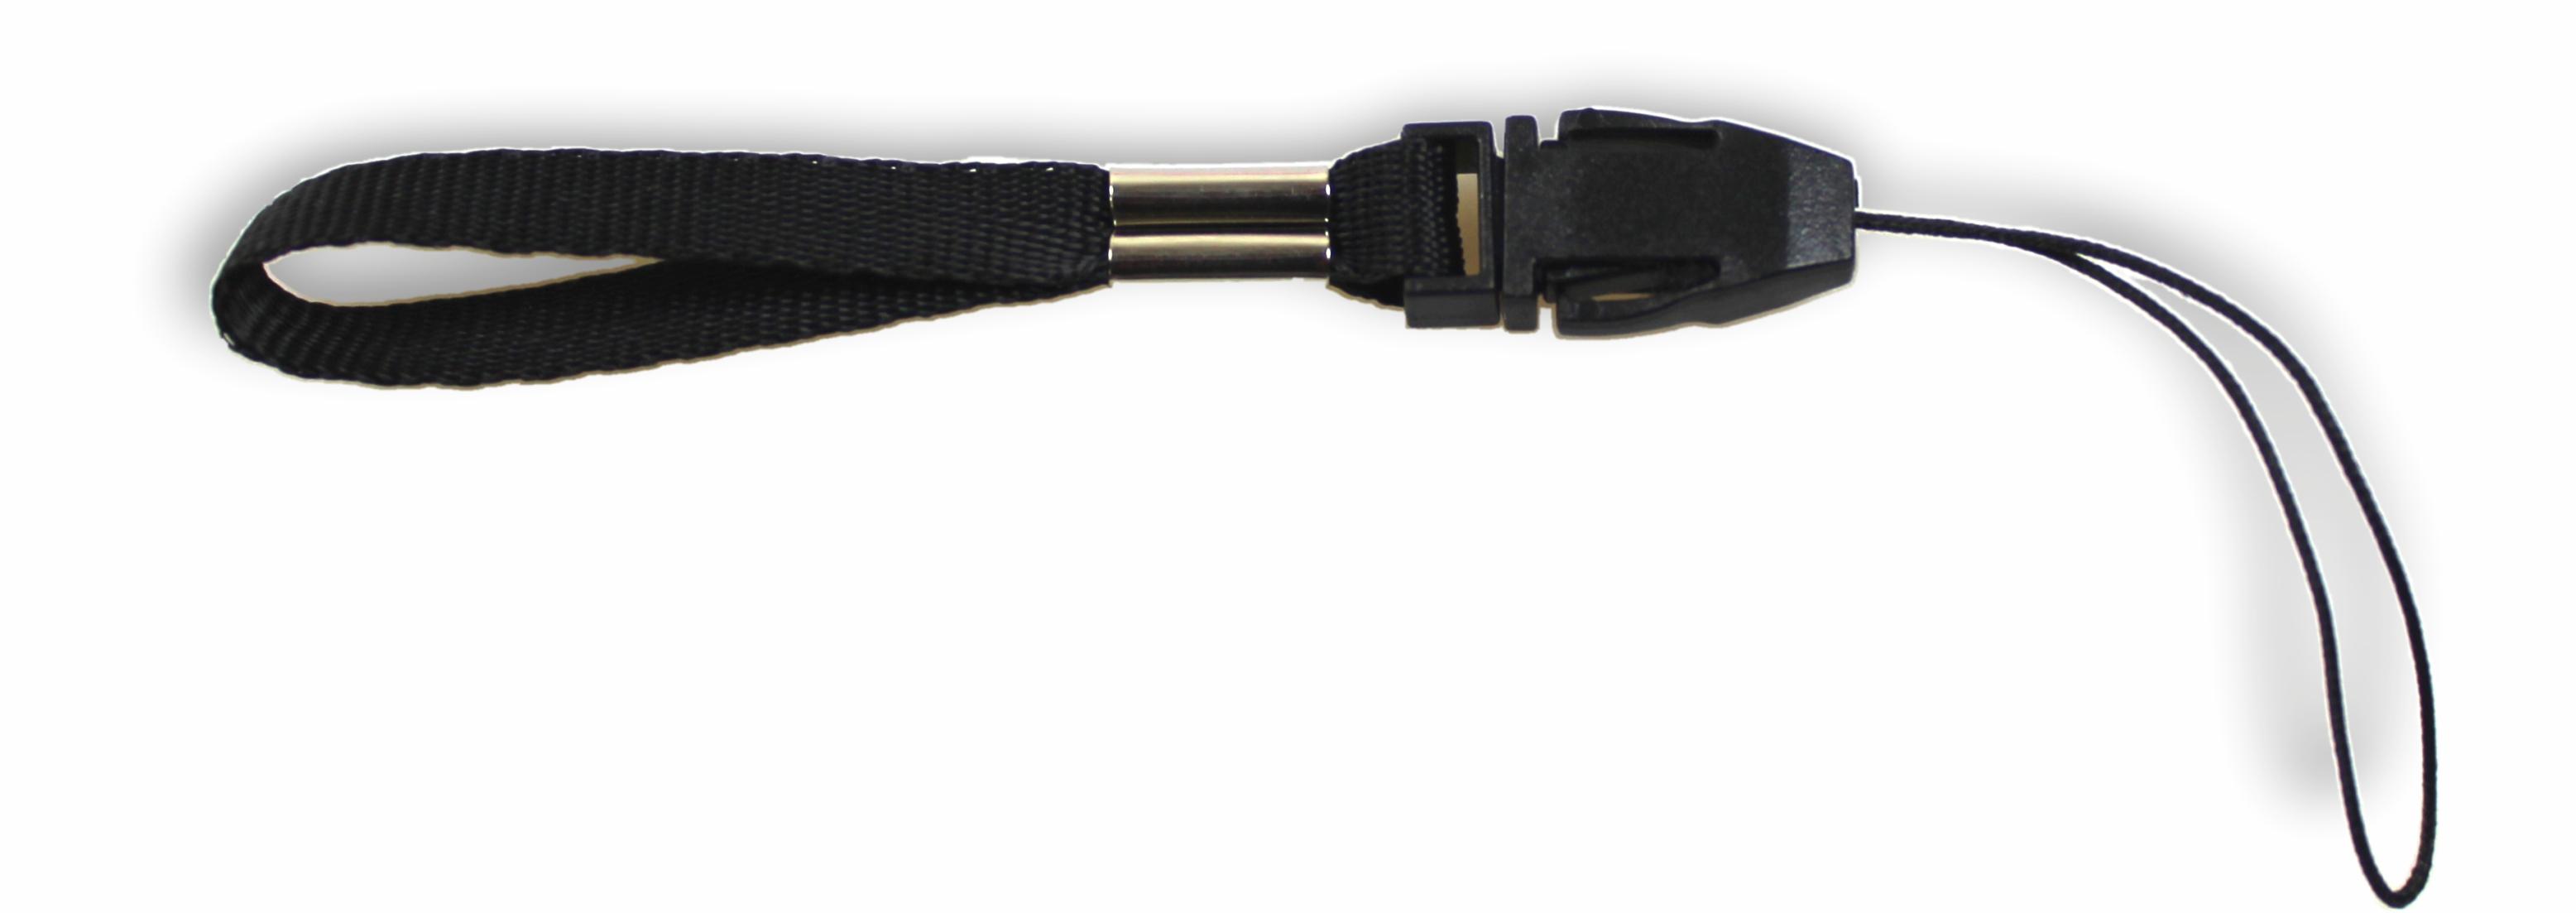 Verlängerungsband mit Kupplung (für den Clicker)